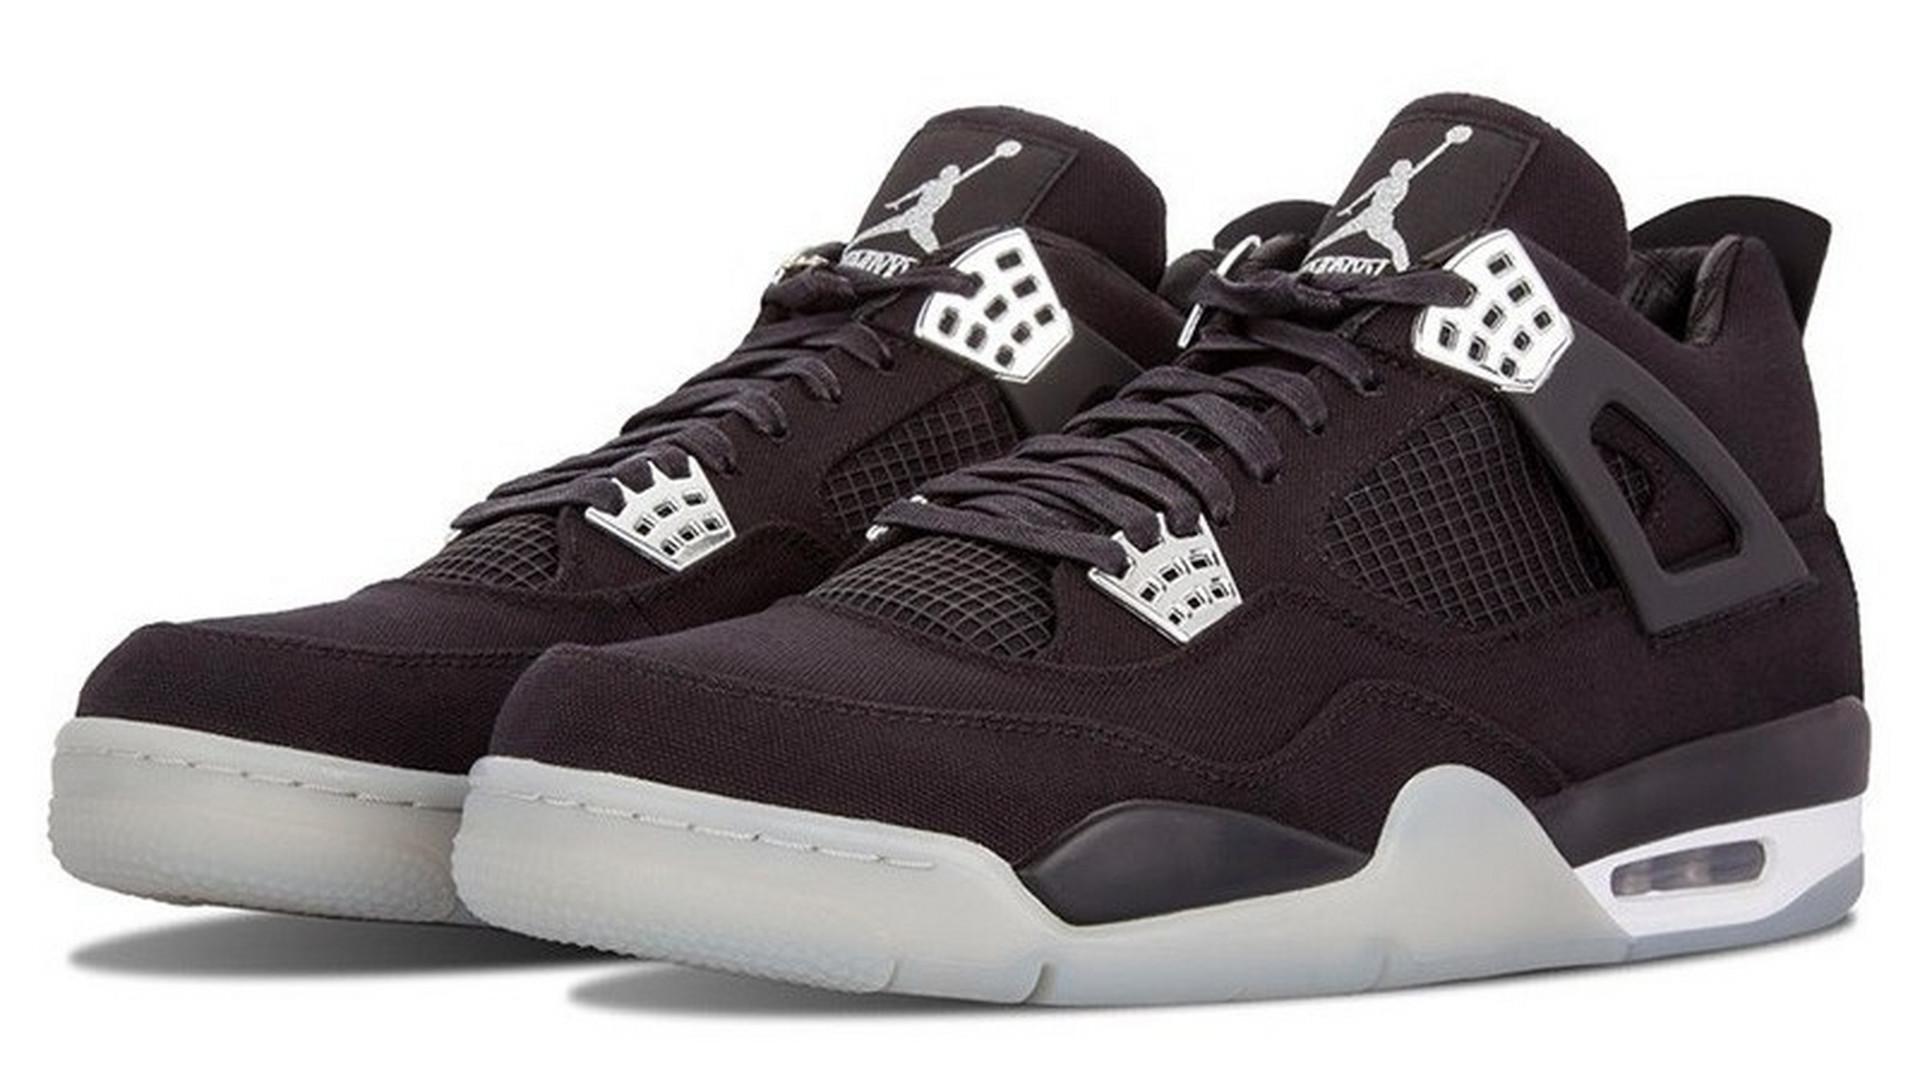 2f8d2ed8bd68f Das sind die 8 teuersten Sneaker aller Zeiten - Noizz